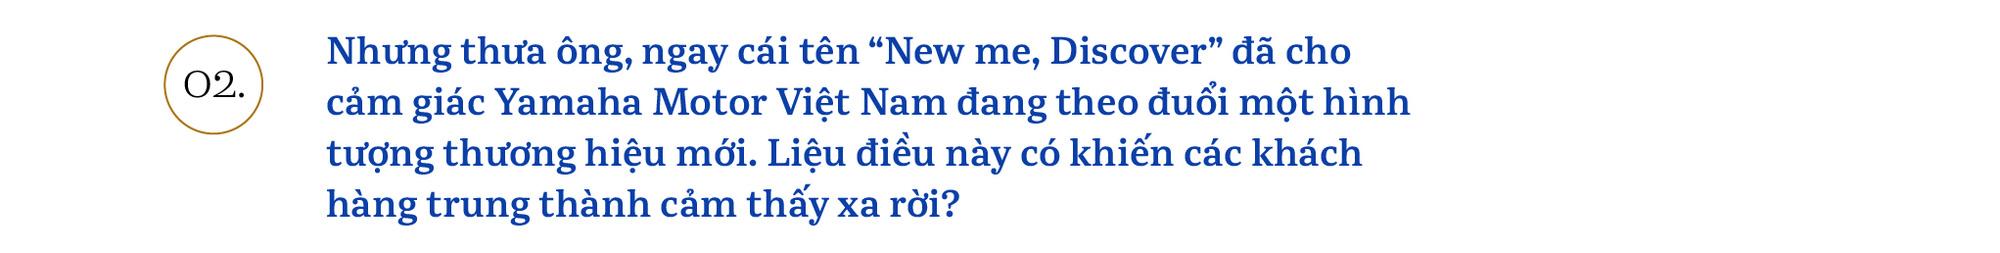 Chủ tịch Yamaha Việt Nam: 'Chúng tôi sẽ khơi dậy khách hàng trẻ tìm được bản ngã của chính mình' - Ảnh 3.